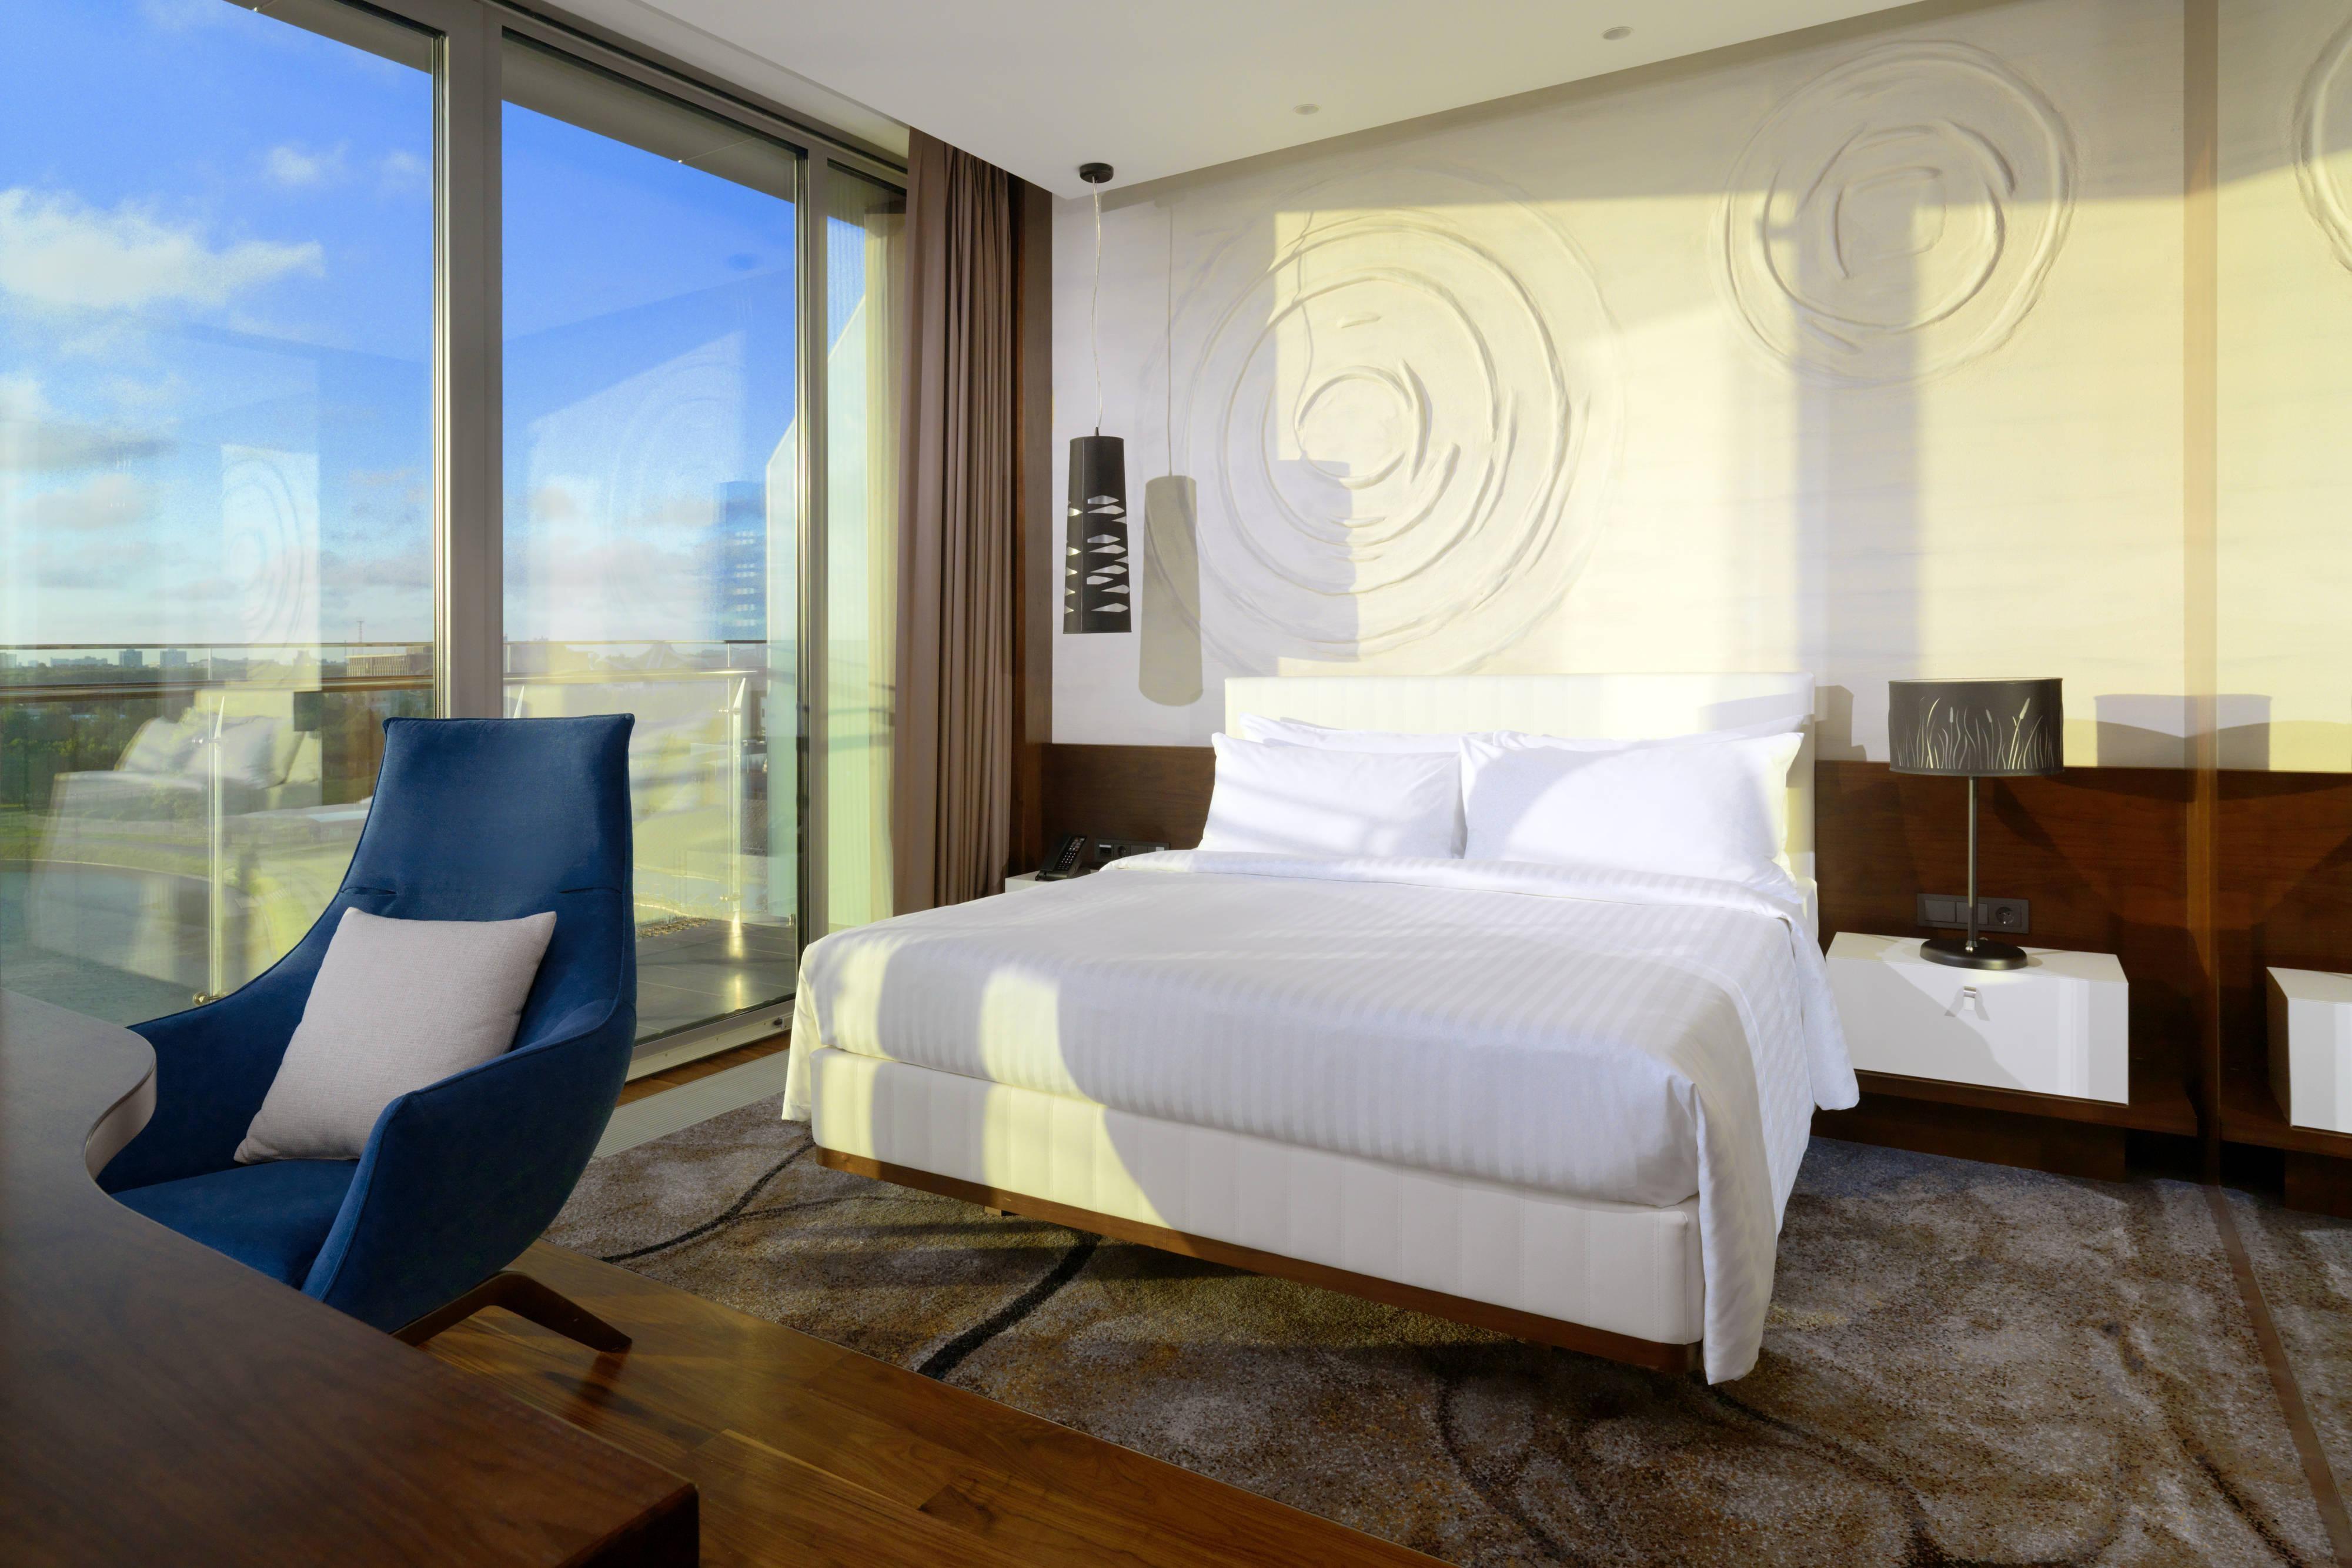 Großzügig Hotelmanagement Lebenslaufformat Für Erfahrene Bilder ...